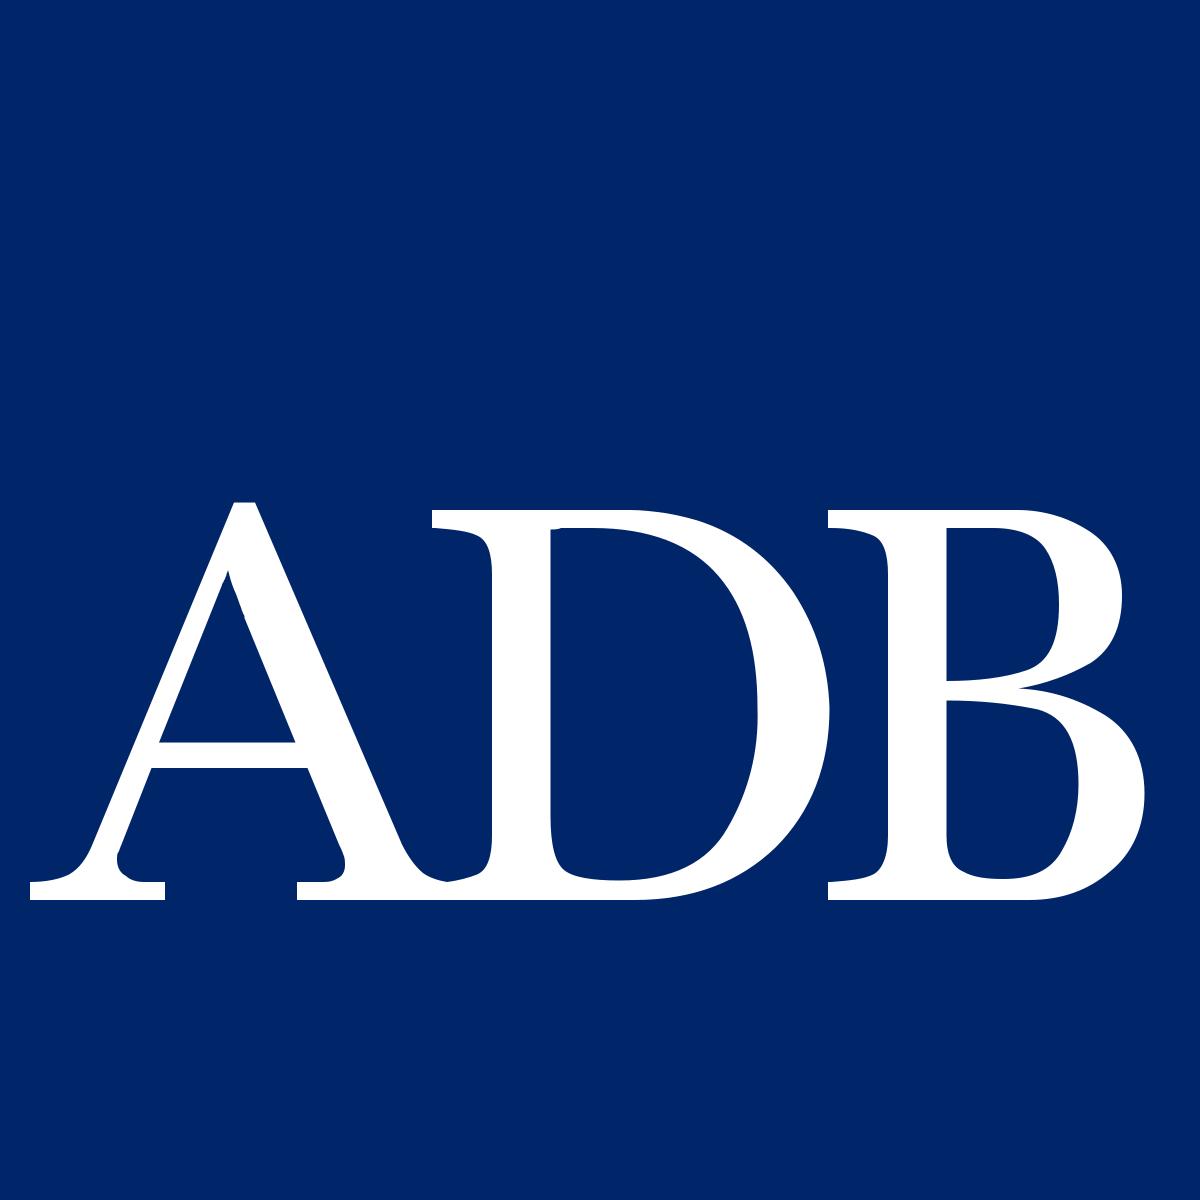 एडीबीले नेपाललाई करीब ७ अर्ब करोड ऋण दिने